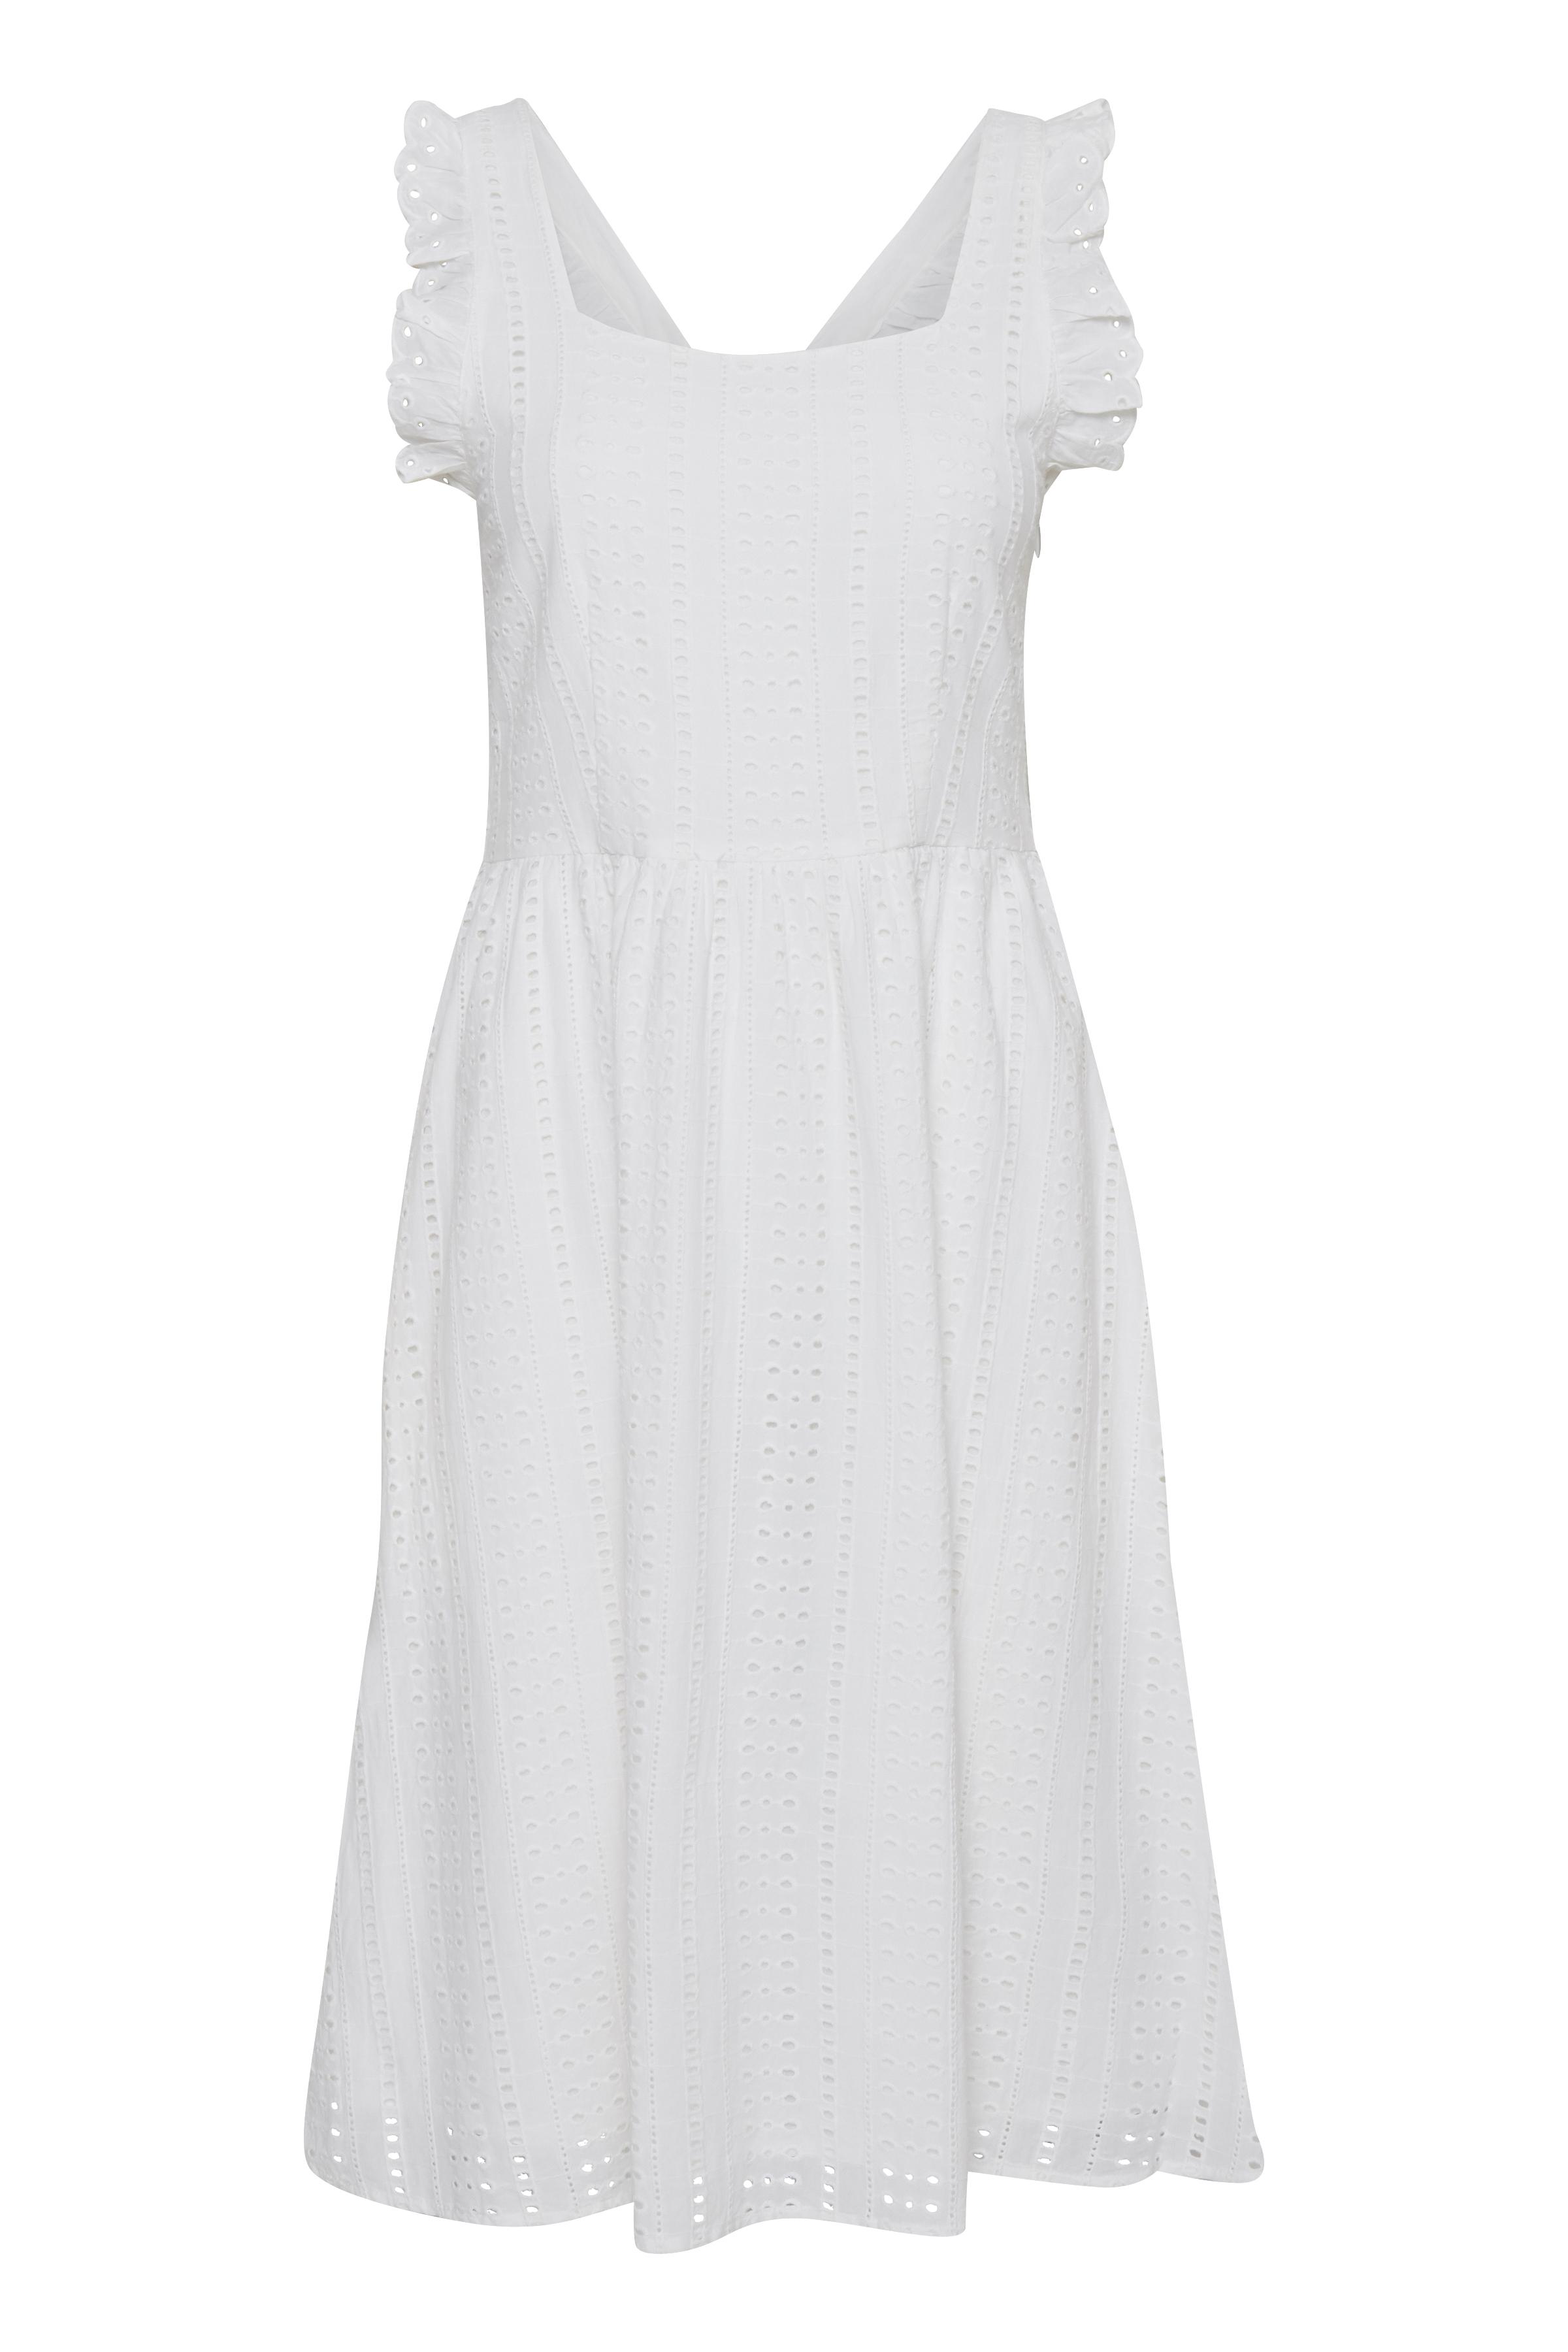 White Kjole – Køb White Kjole fra str. 34-42 her